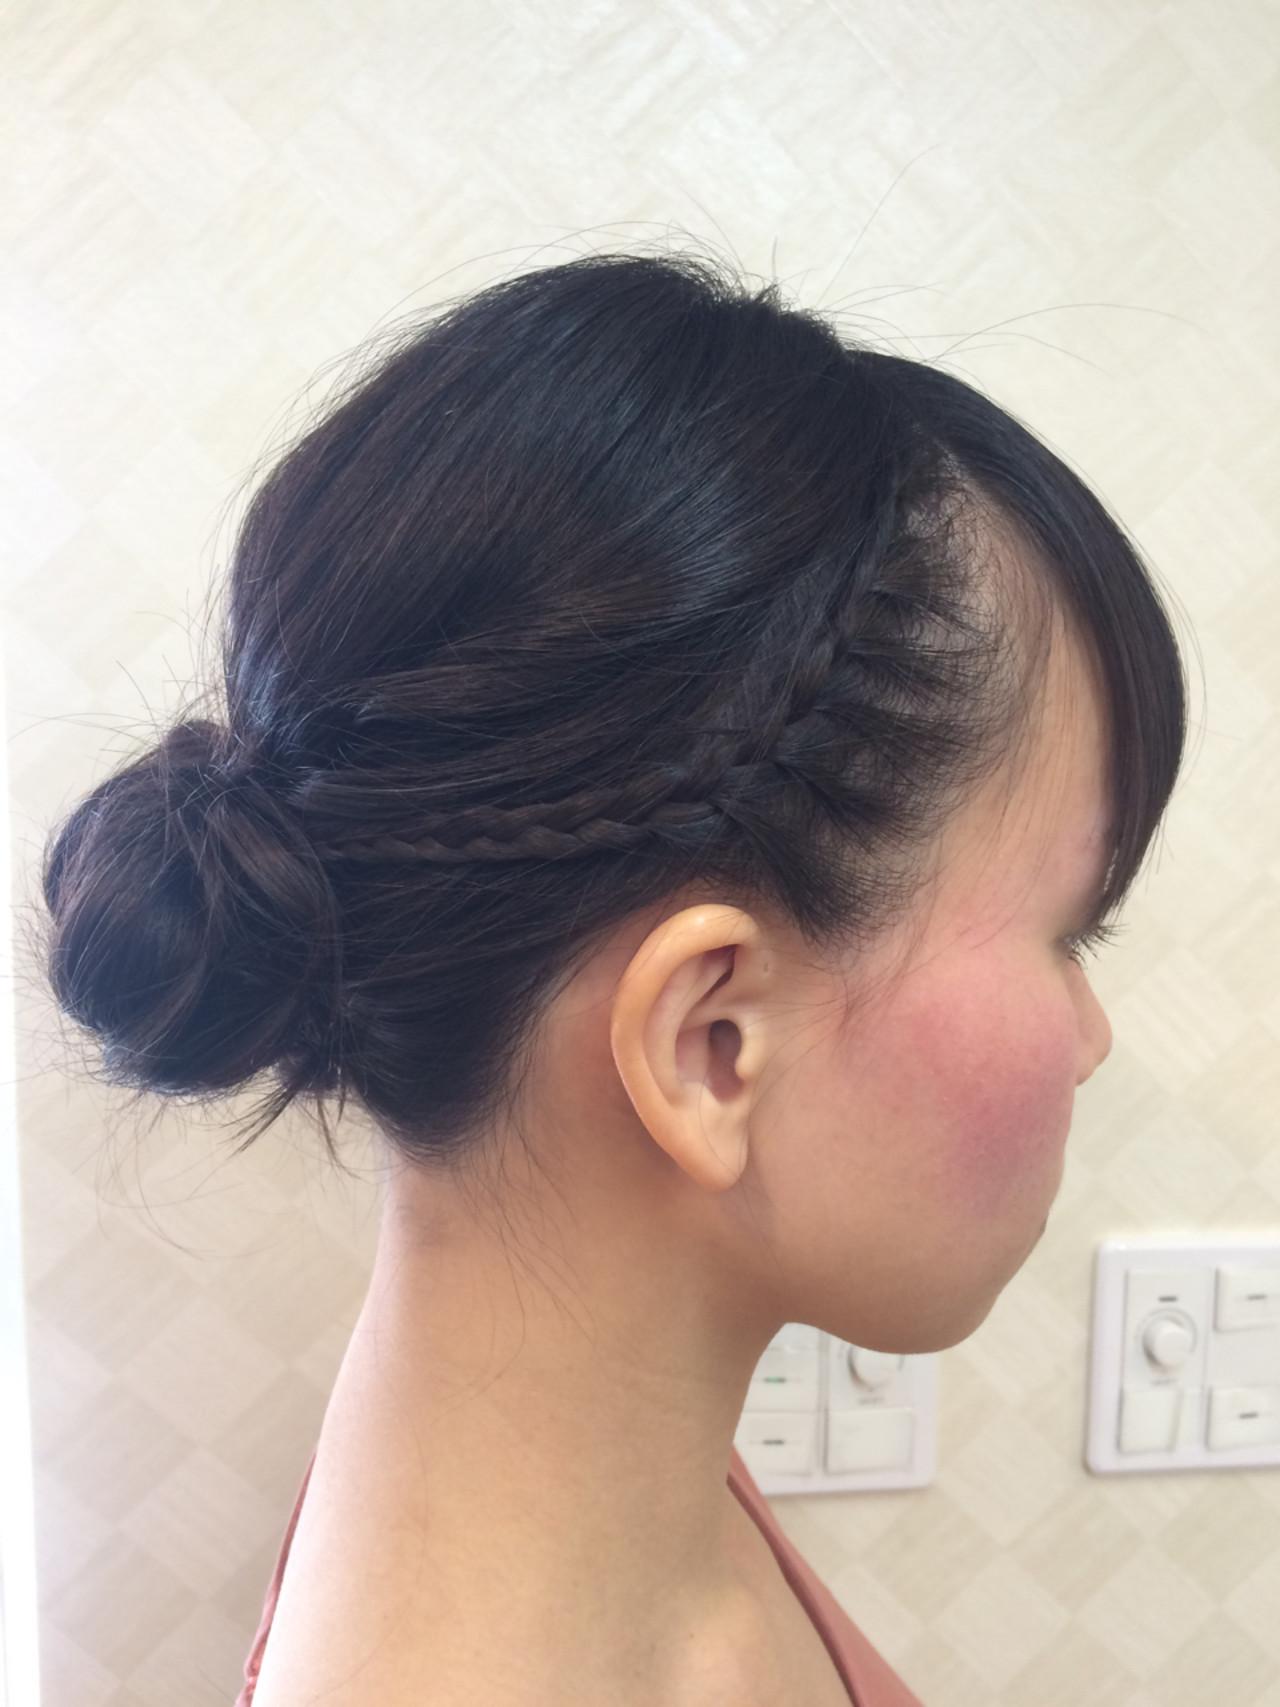 謝恩会 まとめ髪 簡単ヘアアレンジ ボブ ヘアスタイルや髪型の写真・画像